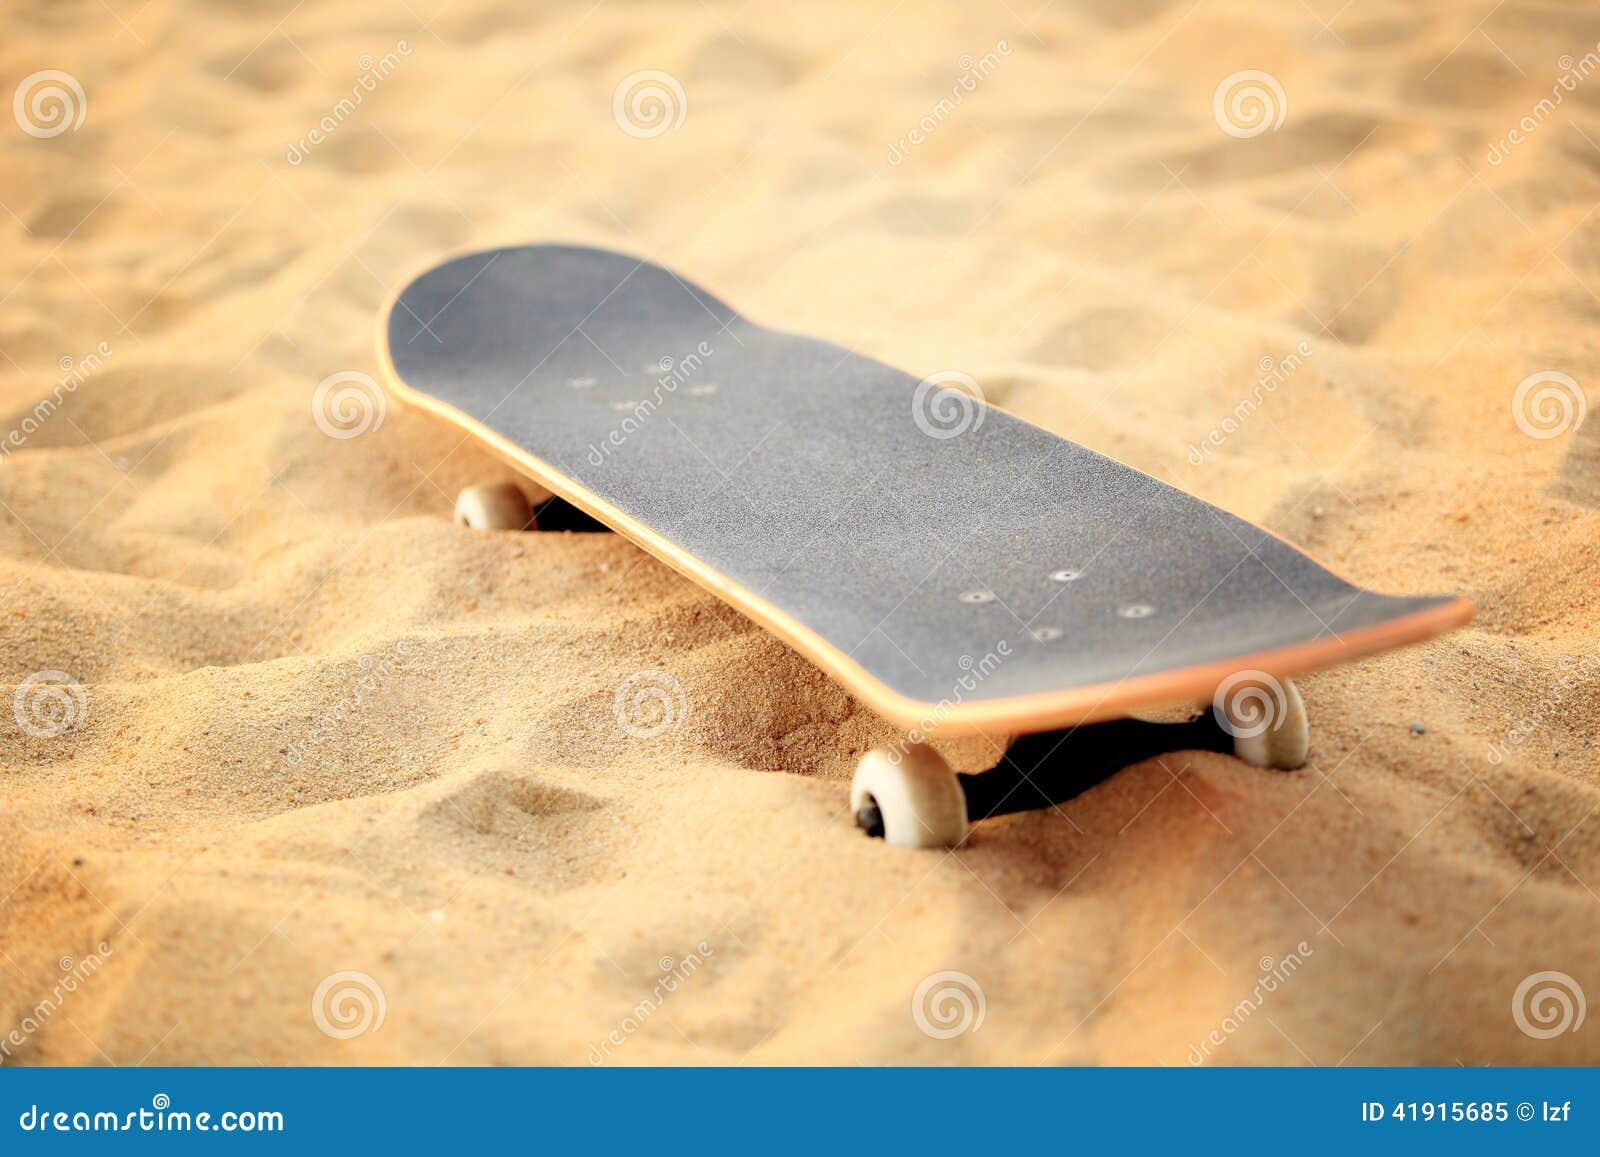 Sakteboard en la playa